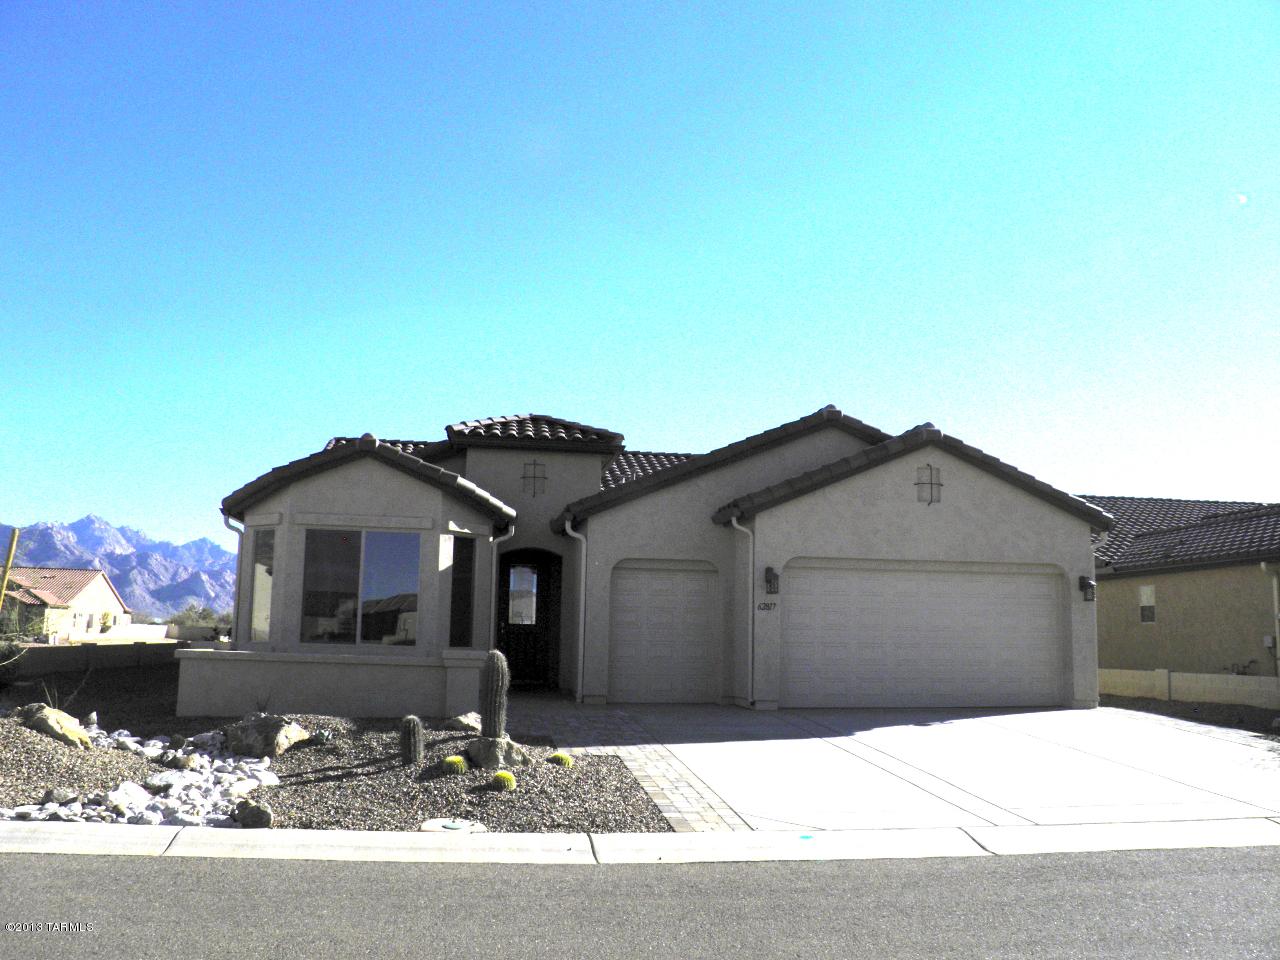 Photo of 62817 E OAKWOOD Drive, Tucson, AZ 85739